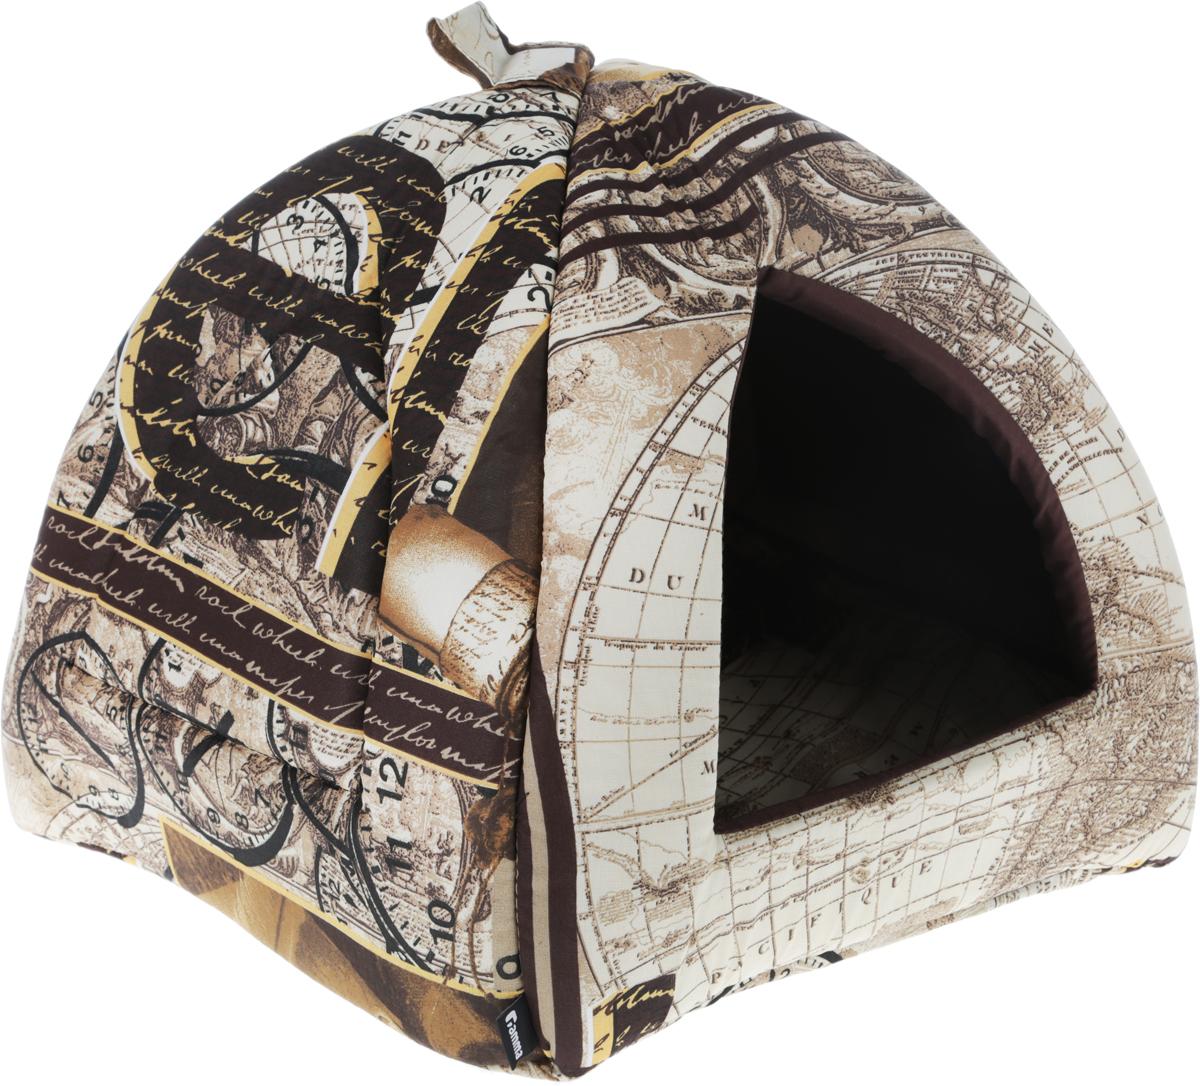 Домик для кошек и собак Гамма, цвет: коричневый, черный, бежевый, 41 х 41 х 46 см гамма миска для кошек и собак n2